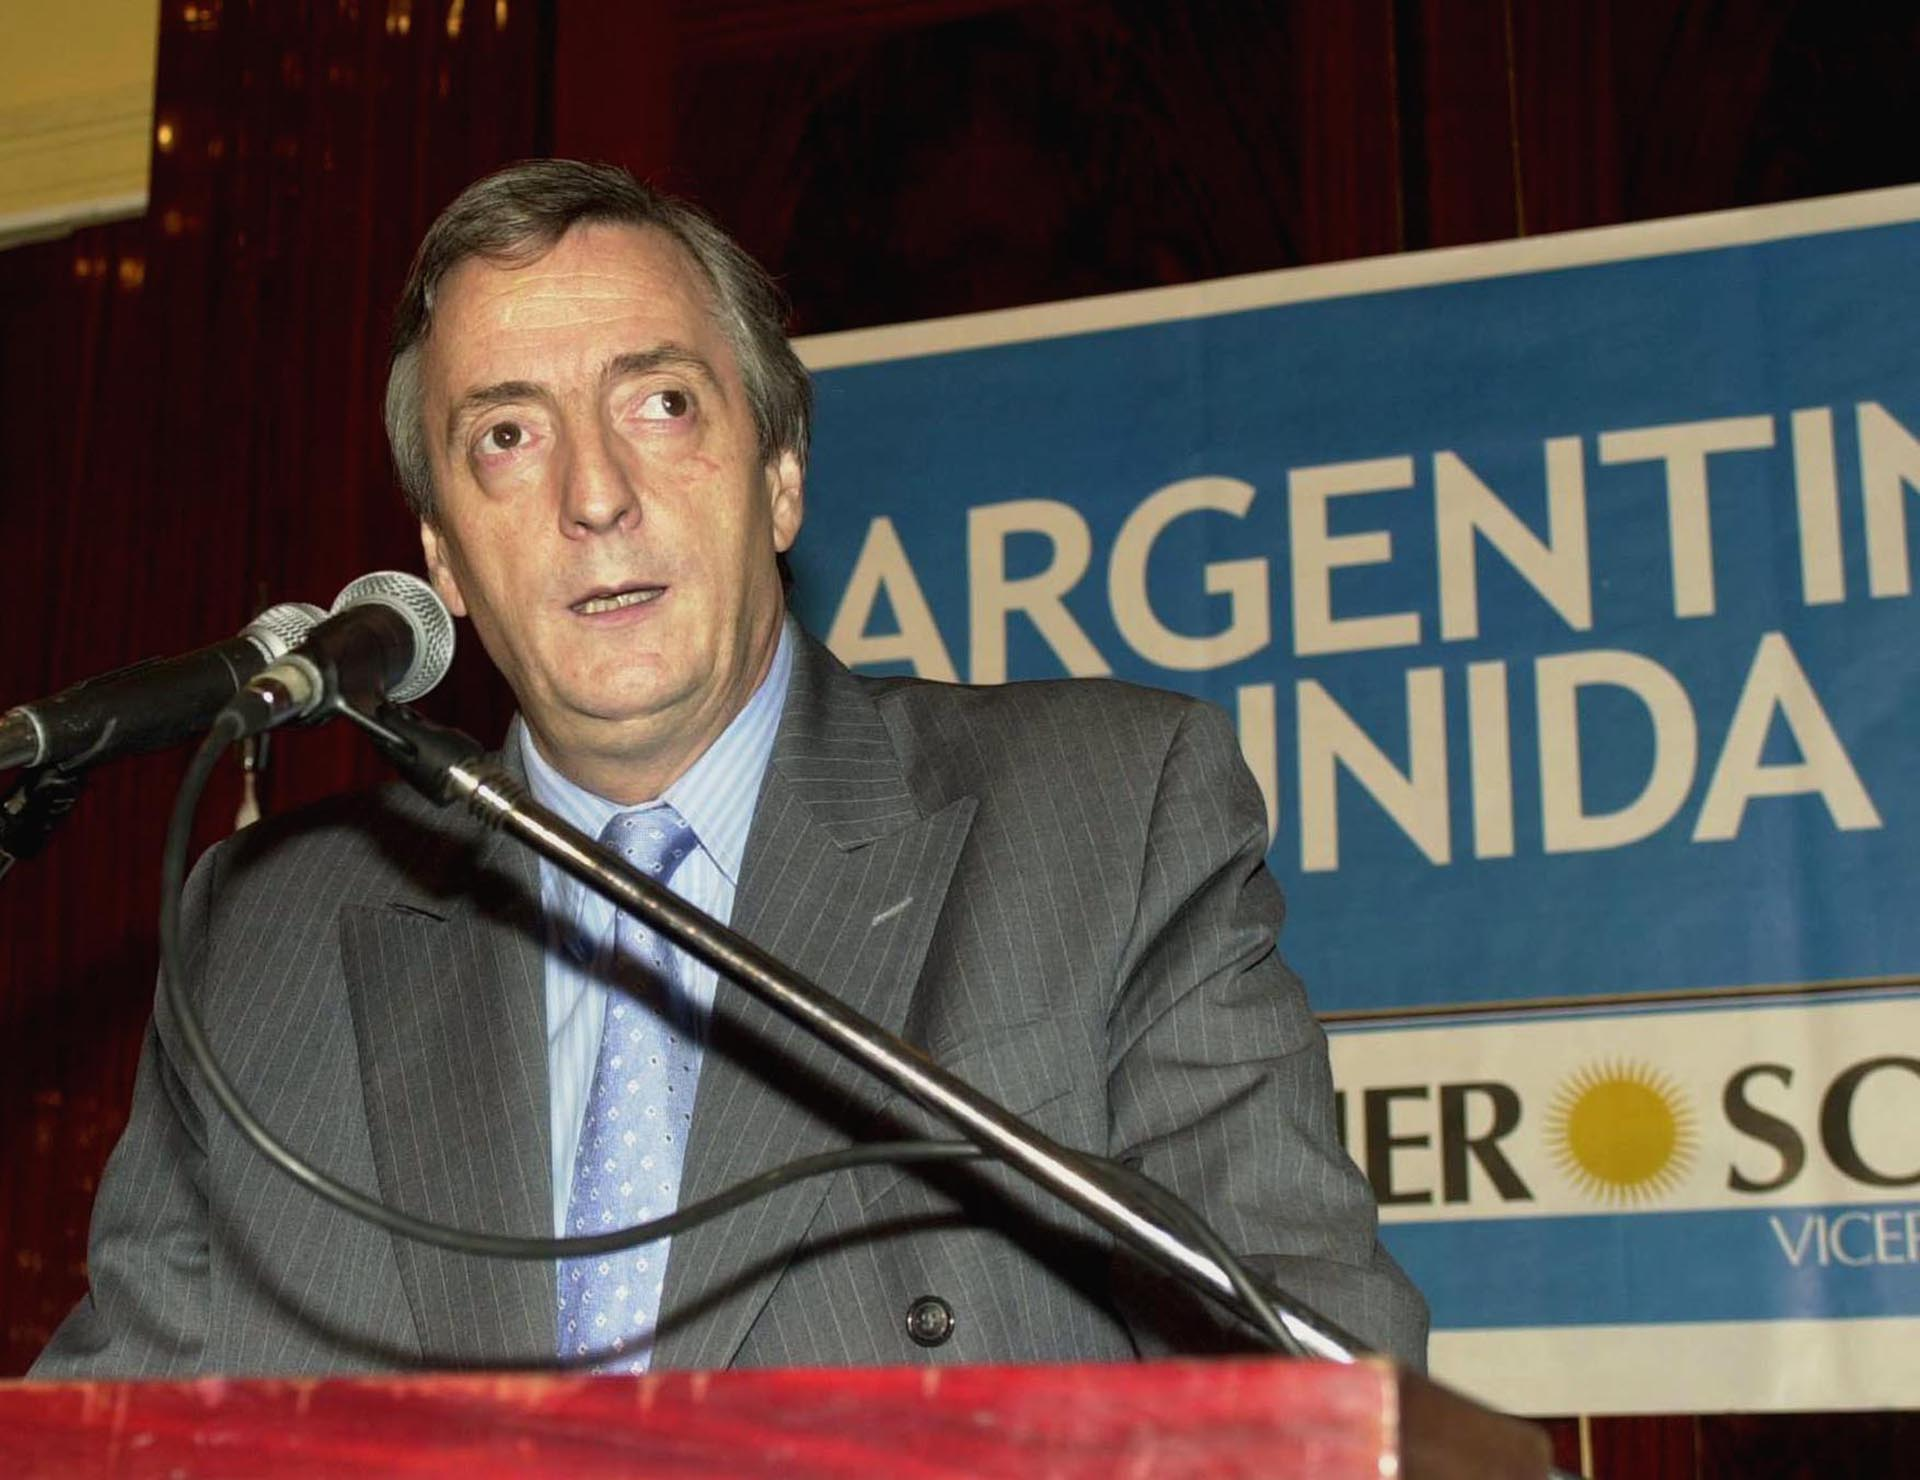 Elecciones presidenciales 2003: Kirchner habla ante la prensa luego de conocerse la renuncia del ex candidato Carlos Menem